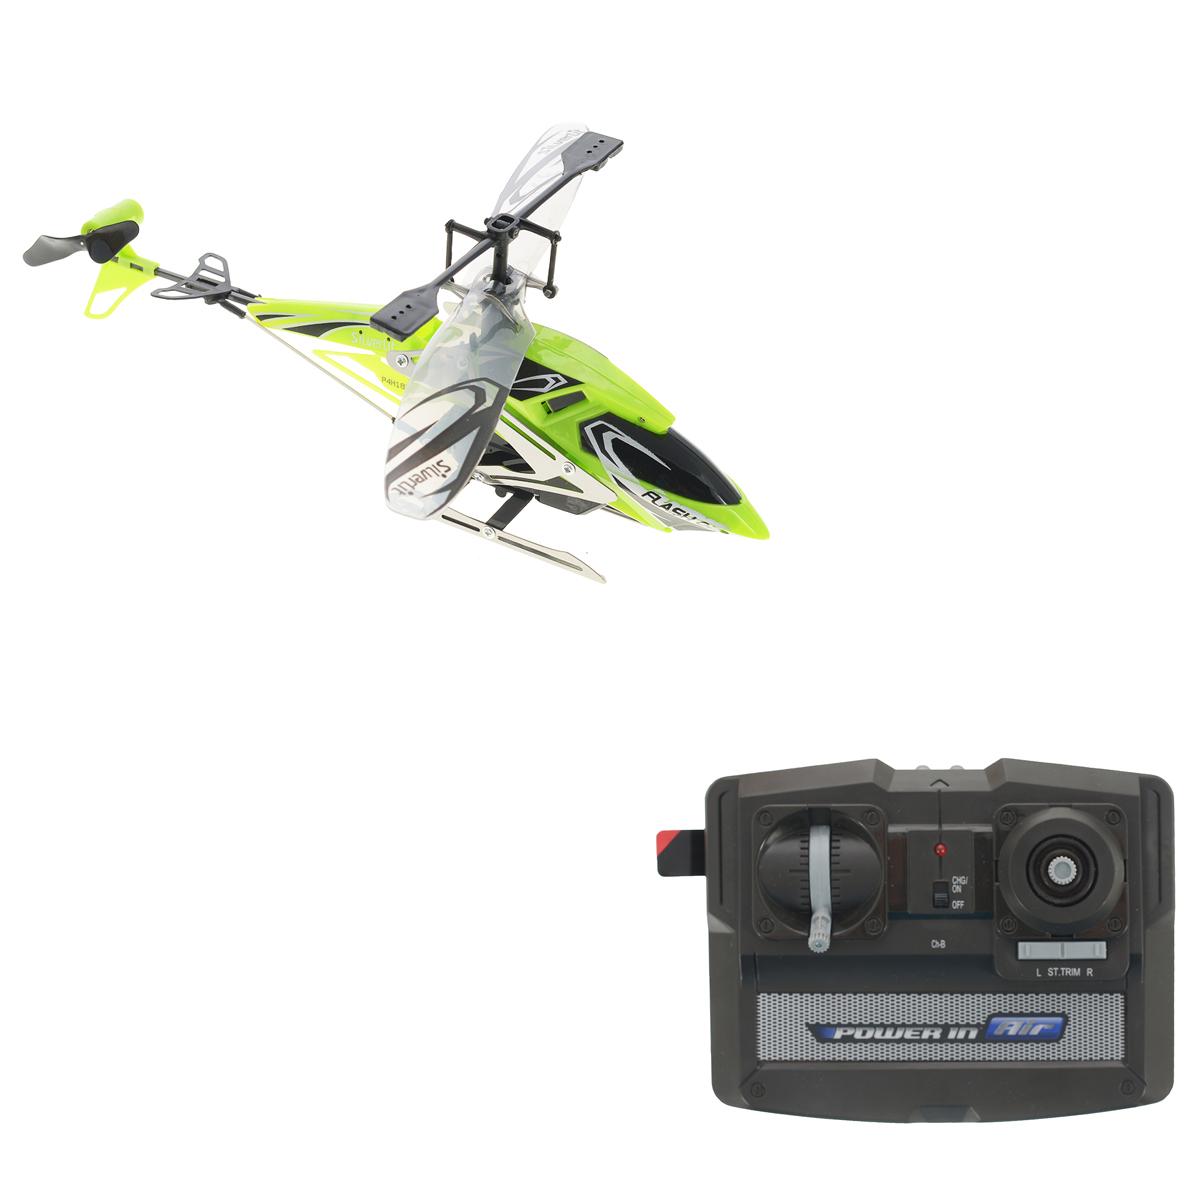 Silverlit Вертолет на радиоуправлении Штурмовик цвет зеленый84700_зеленыйРадиоуправляемая модель Silverlit Вертолет Штурмовик, выполненная из металла и пластика, удивит и порадует любого мальчика. Игрушка выполнена в виде вертолета, имеет очень точную детализацию и световые эффекты. Вертолет двигается вверх, вниз, вправо и влево, обладает автостабилизацией и высокоточным ускорением. Игрушка управляется с помощью дистанционного пульта с инфракрасным управлением, что позволяет играть только внутри помещения. Сверхточное цифровое пропорциональное трехканальное управление. Игрушкой очень легко управлять, вертолет послушно двигается в нужную сторону. Дети очень любят радиоуправляемые игрушки, ведь стоит только нажать на кнопку, как они буквально оживают, начинают двигаться и издавать характерные звуки. Не являются исключением и вертолеты на радиоуправлении - они еще интереснее, так как они не просто ездят, как обычные машины, а летают, парят над землей. Конечно, вертолетом управлять сложнее, чем автомобилем, так как...